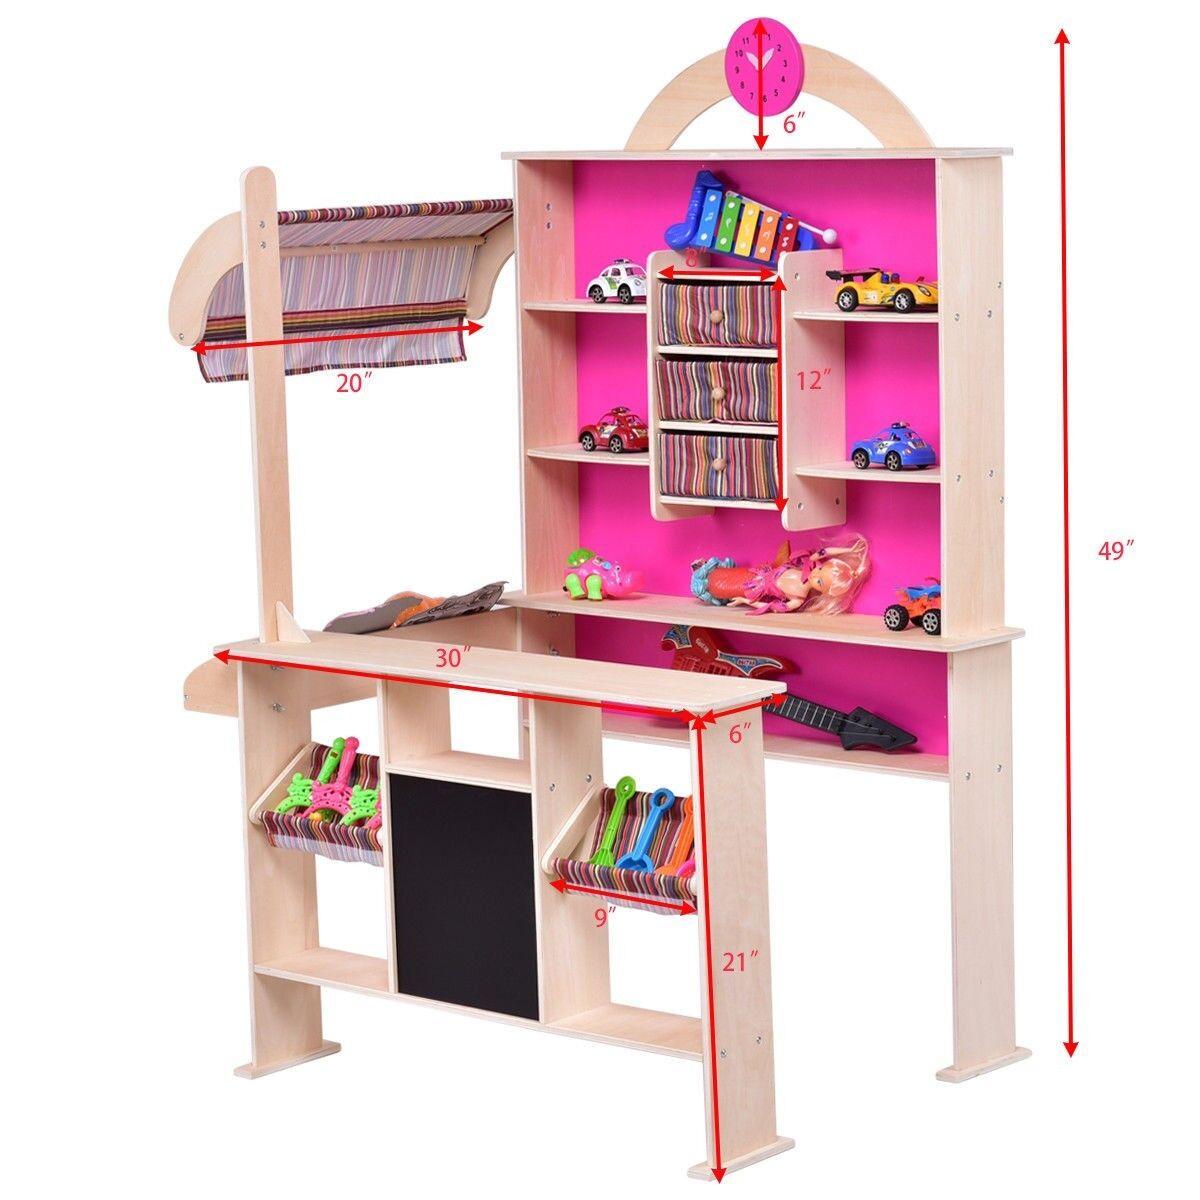 Kinder, kinder mit spielzeugladen markt einkaufen, als geschenk playset spielzeug spielen hat uns